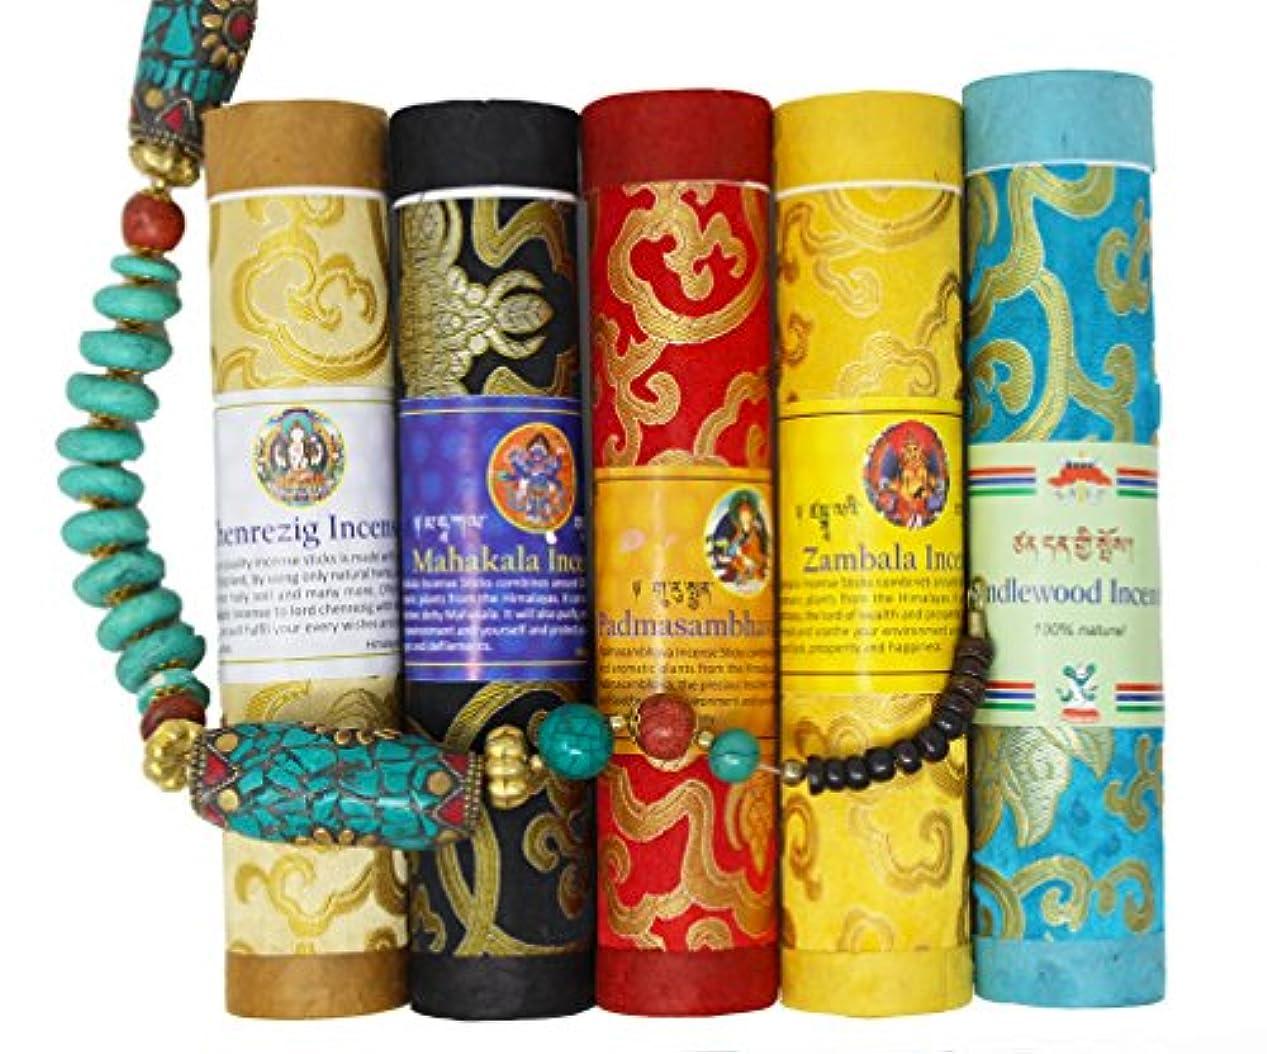 判読できないそっと空気juccini Tibetan Incense Sticks ~ Spiritual Healing Hand Rolled Incense Made from Organic Himalayan Herbs